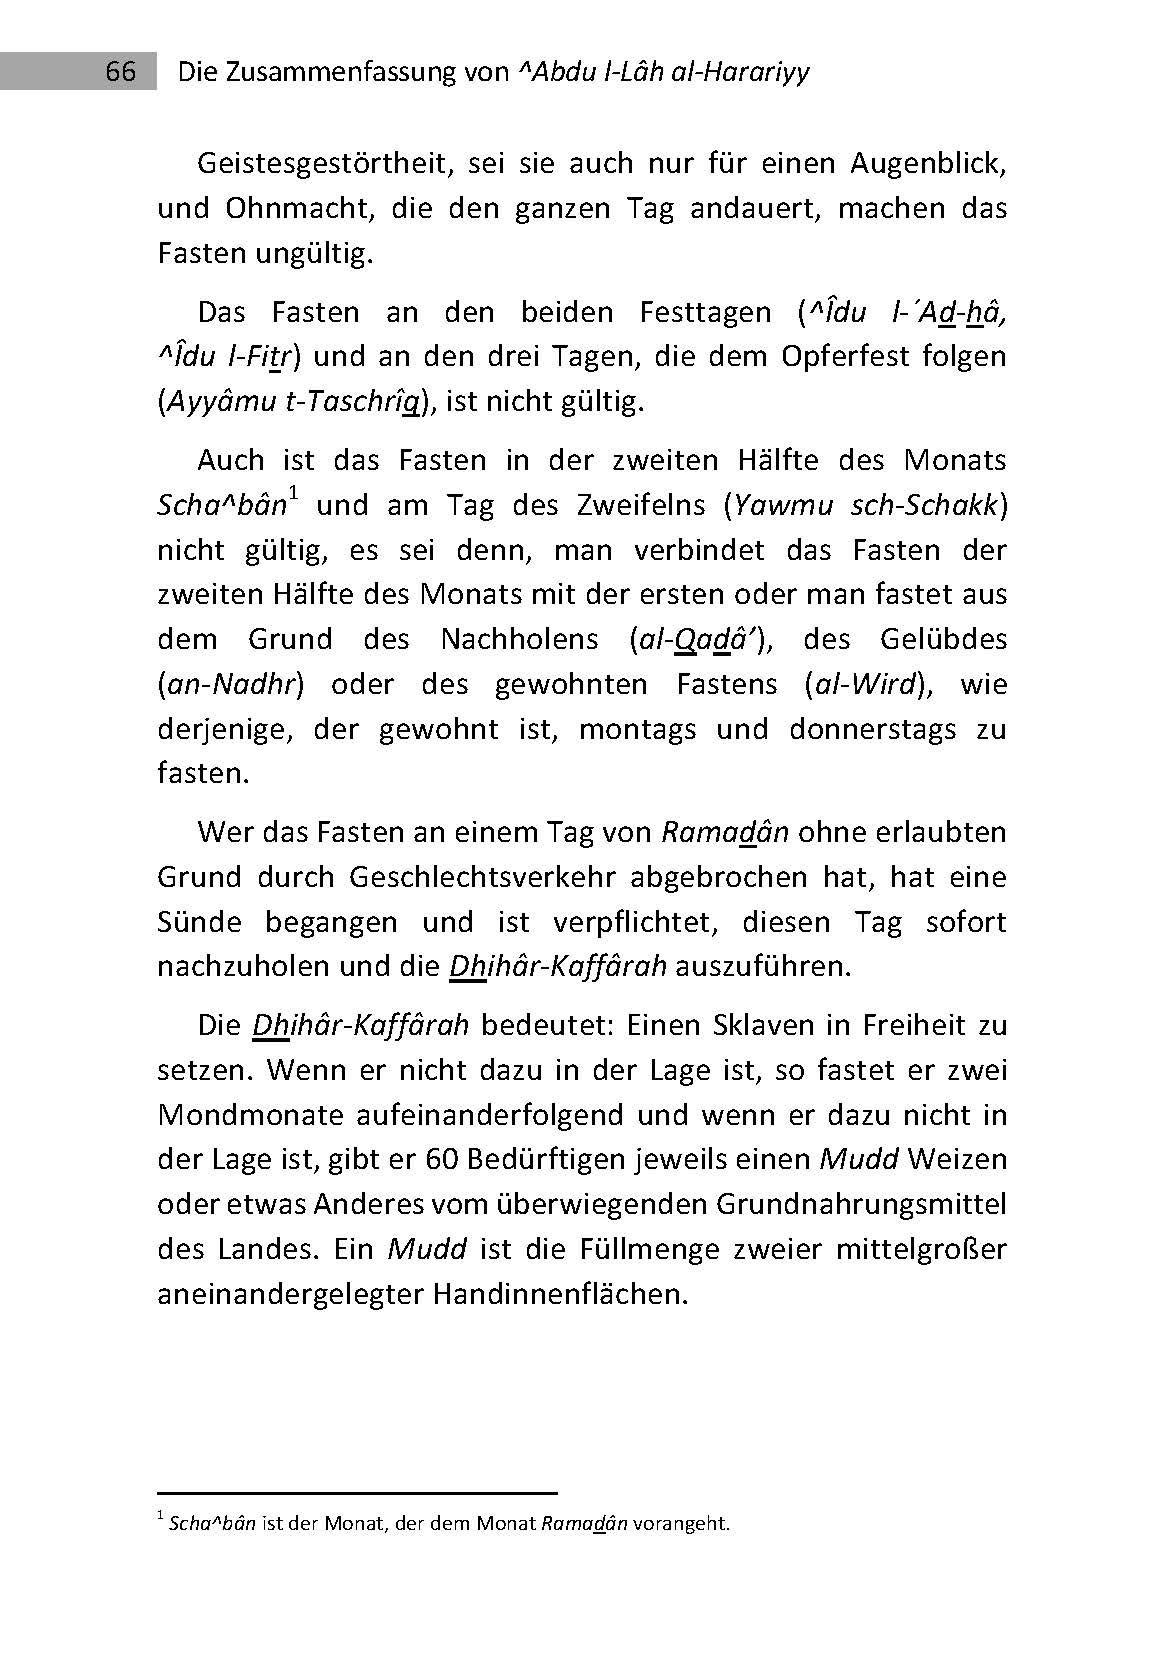 Die Zusammenfassung - 3. Auflage 2014_Seite_66